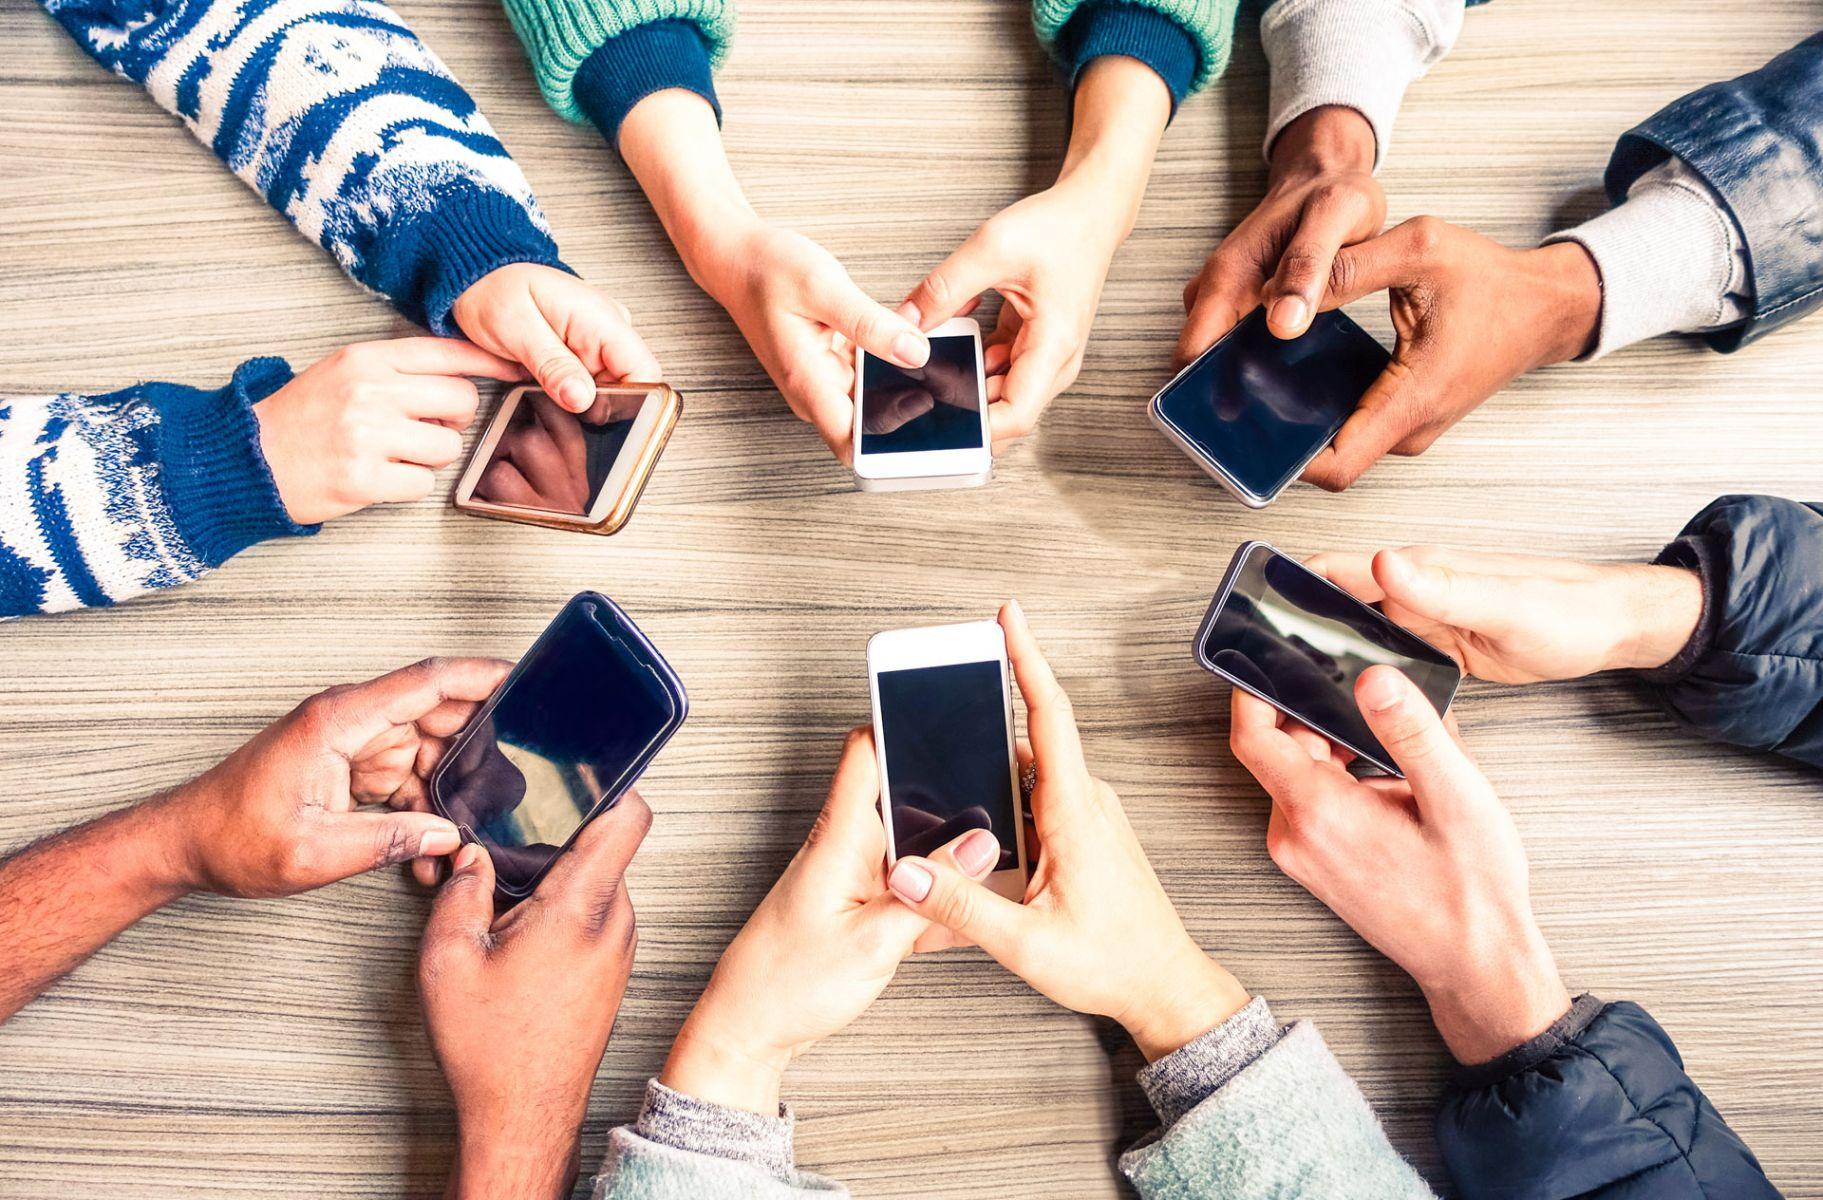 同溫層症候群》你寧可用手機跟臉友聊天,也不想跟一起吃飯的朋友講話嗎?